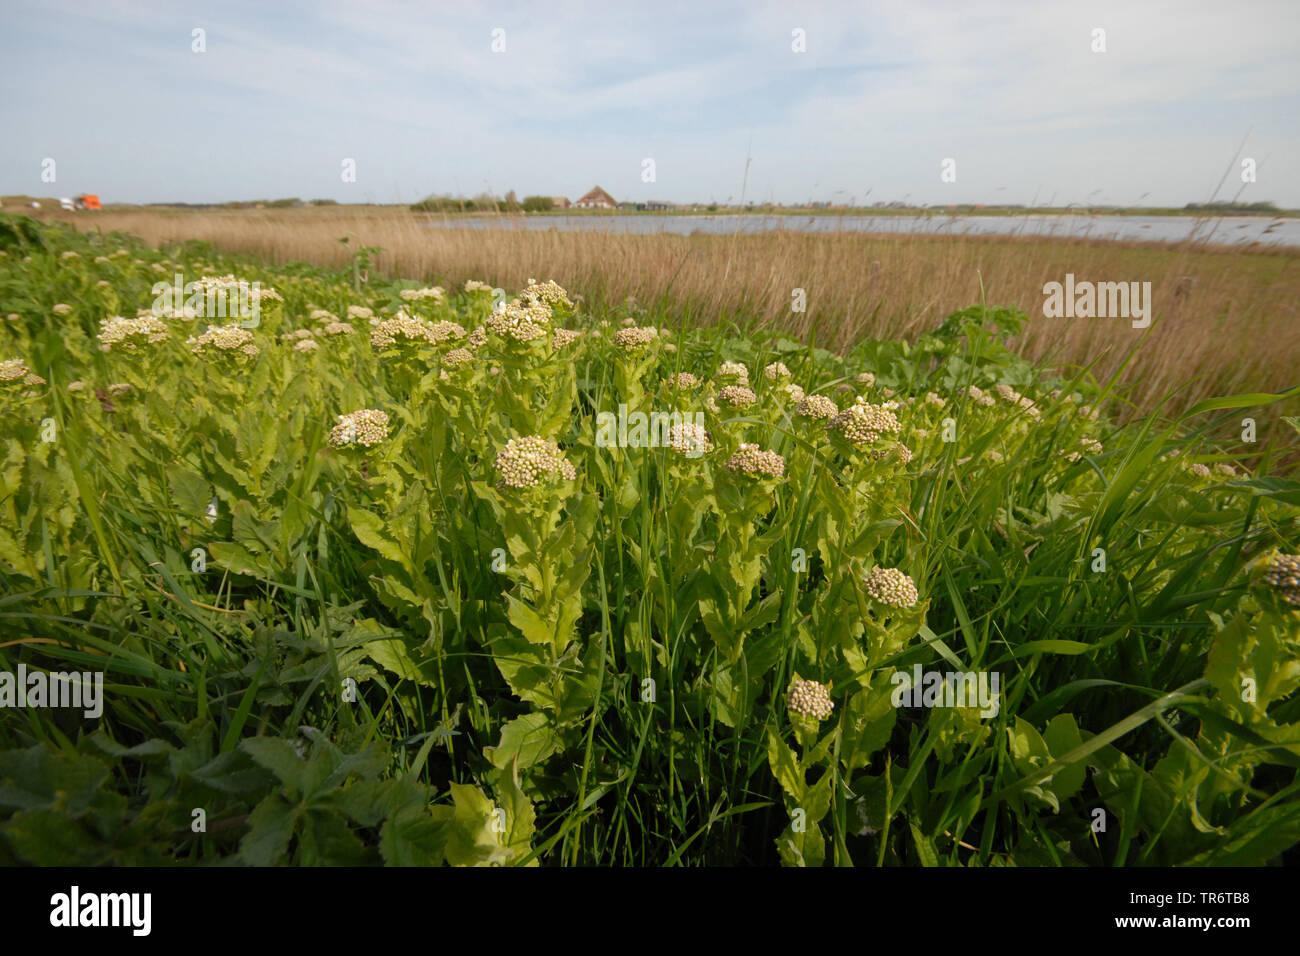 Parte superior de color blanco, canoso berro (Cardaria draba), los Países Bajos, Texel Foto de stock